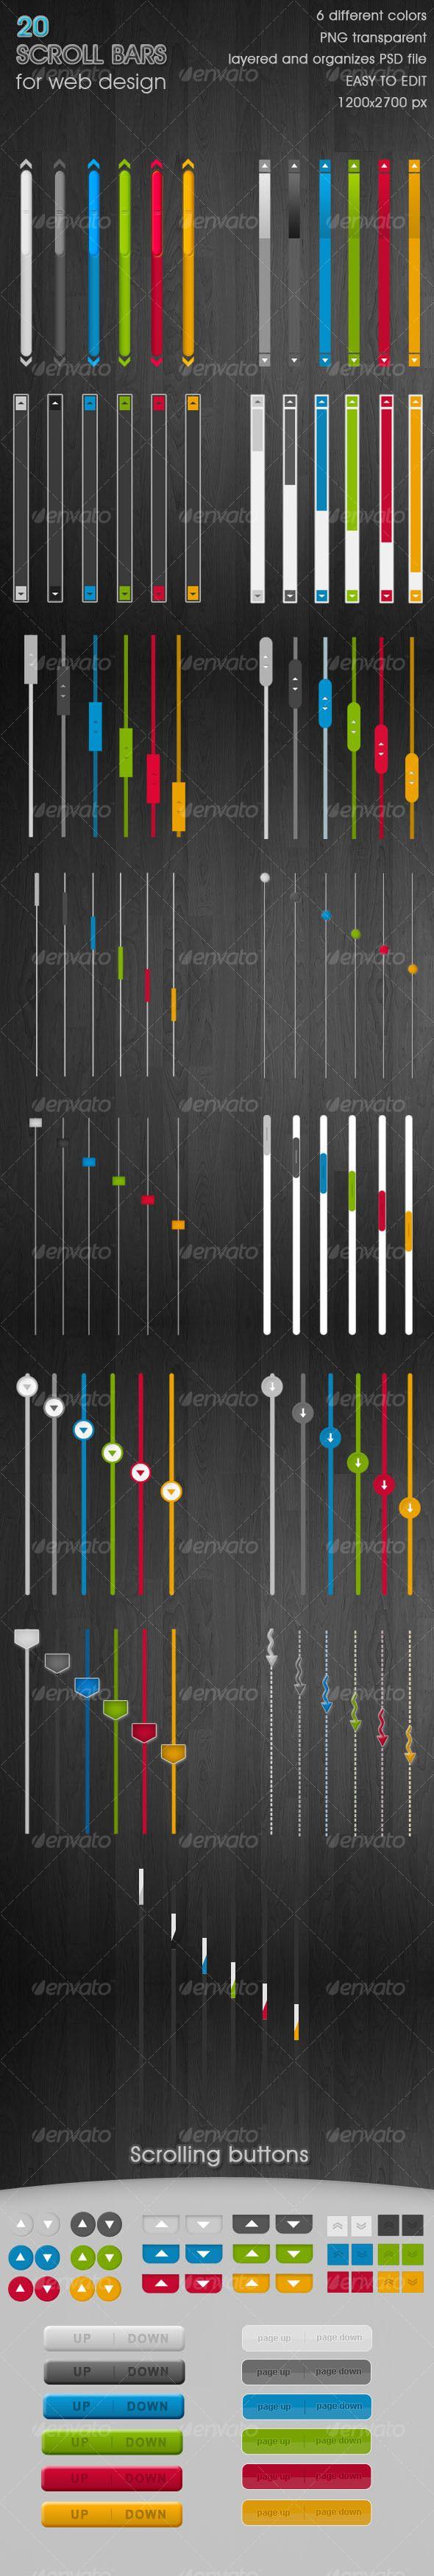 20 cool Scroll Bars - 6 colors